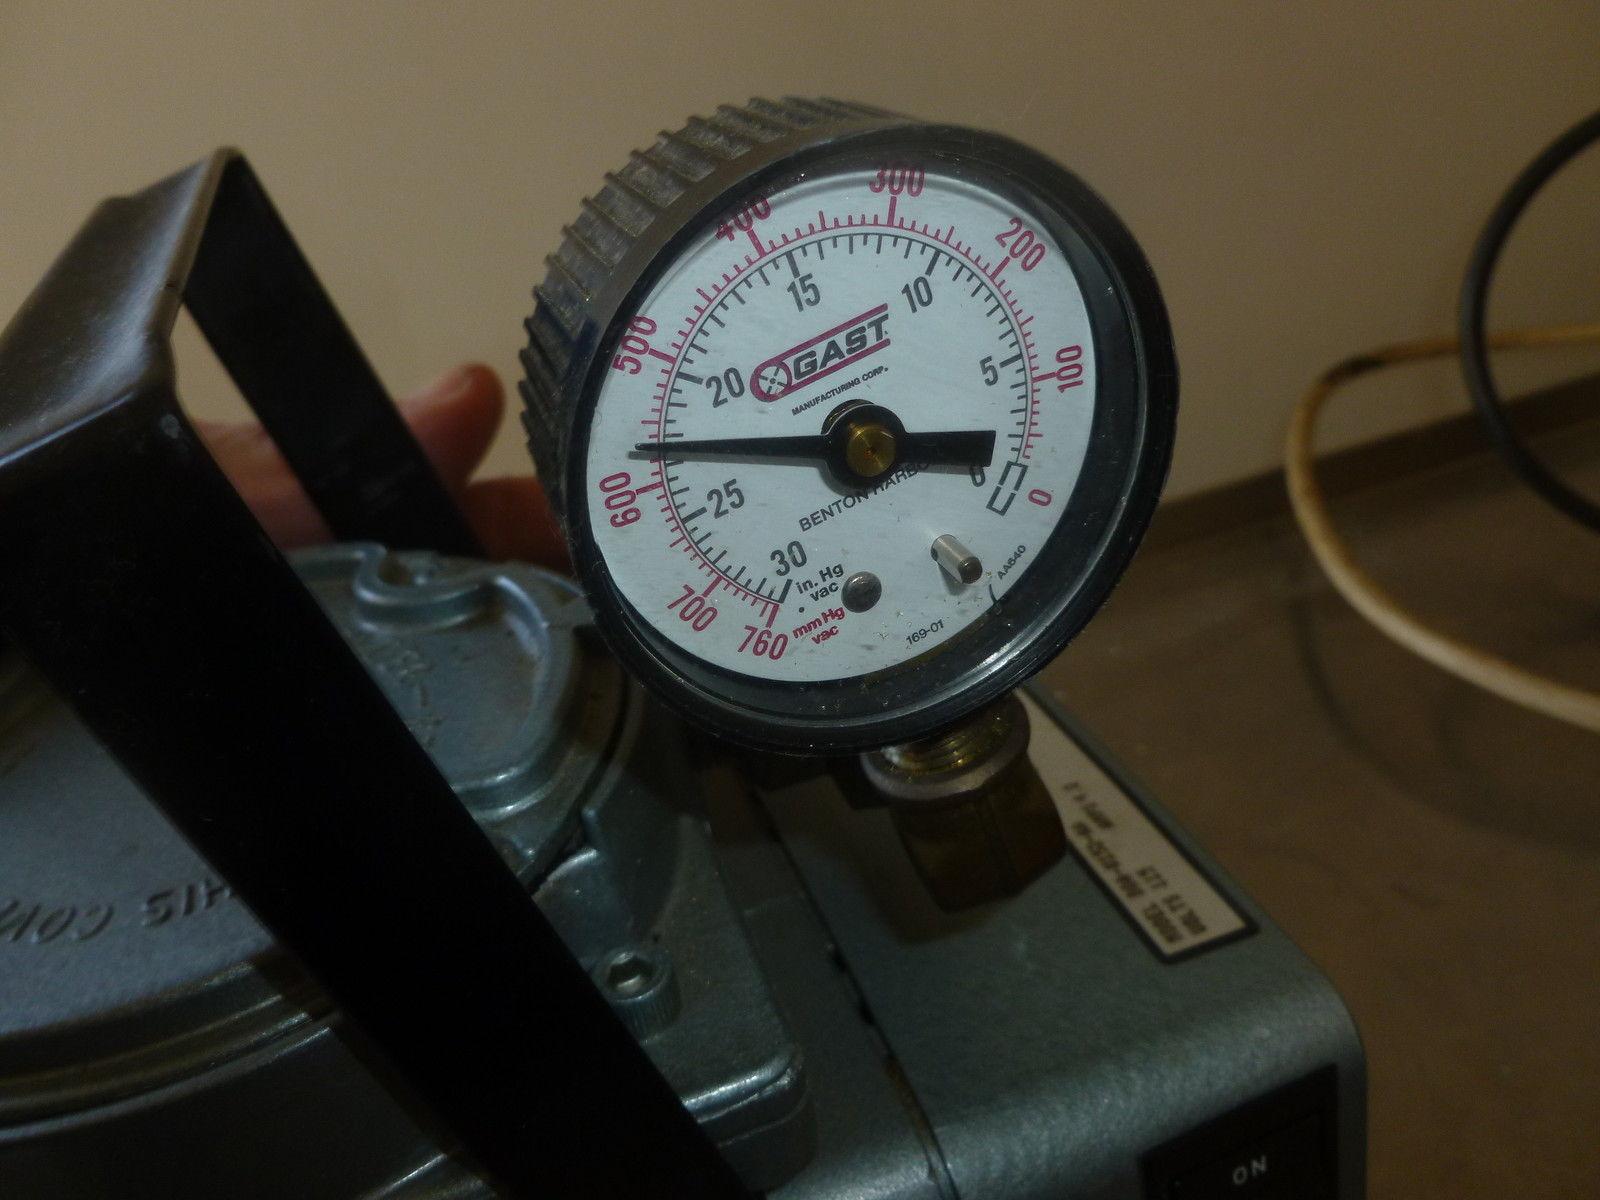 labtechsales Virtis Dual Peristaltic Pump Module 6715.1815.0C Cole-Parmer 7016-20 Heads 1 RPM